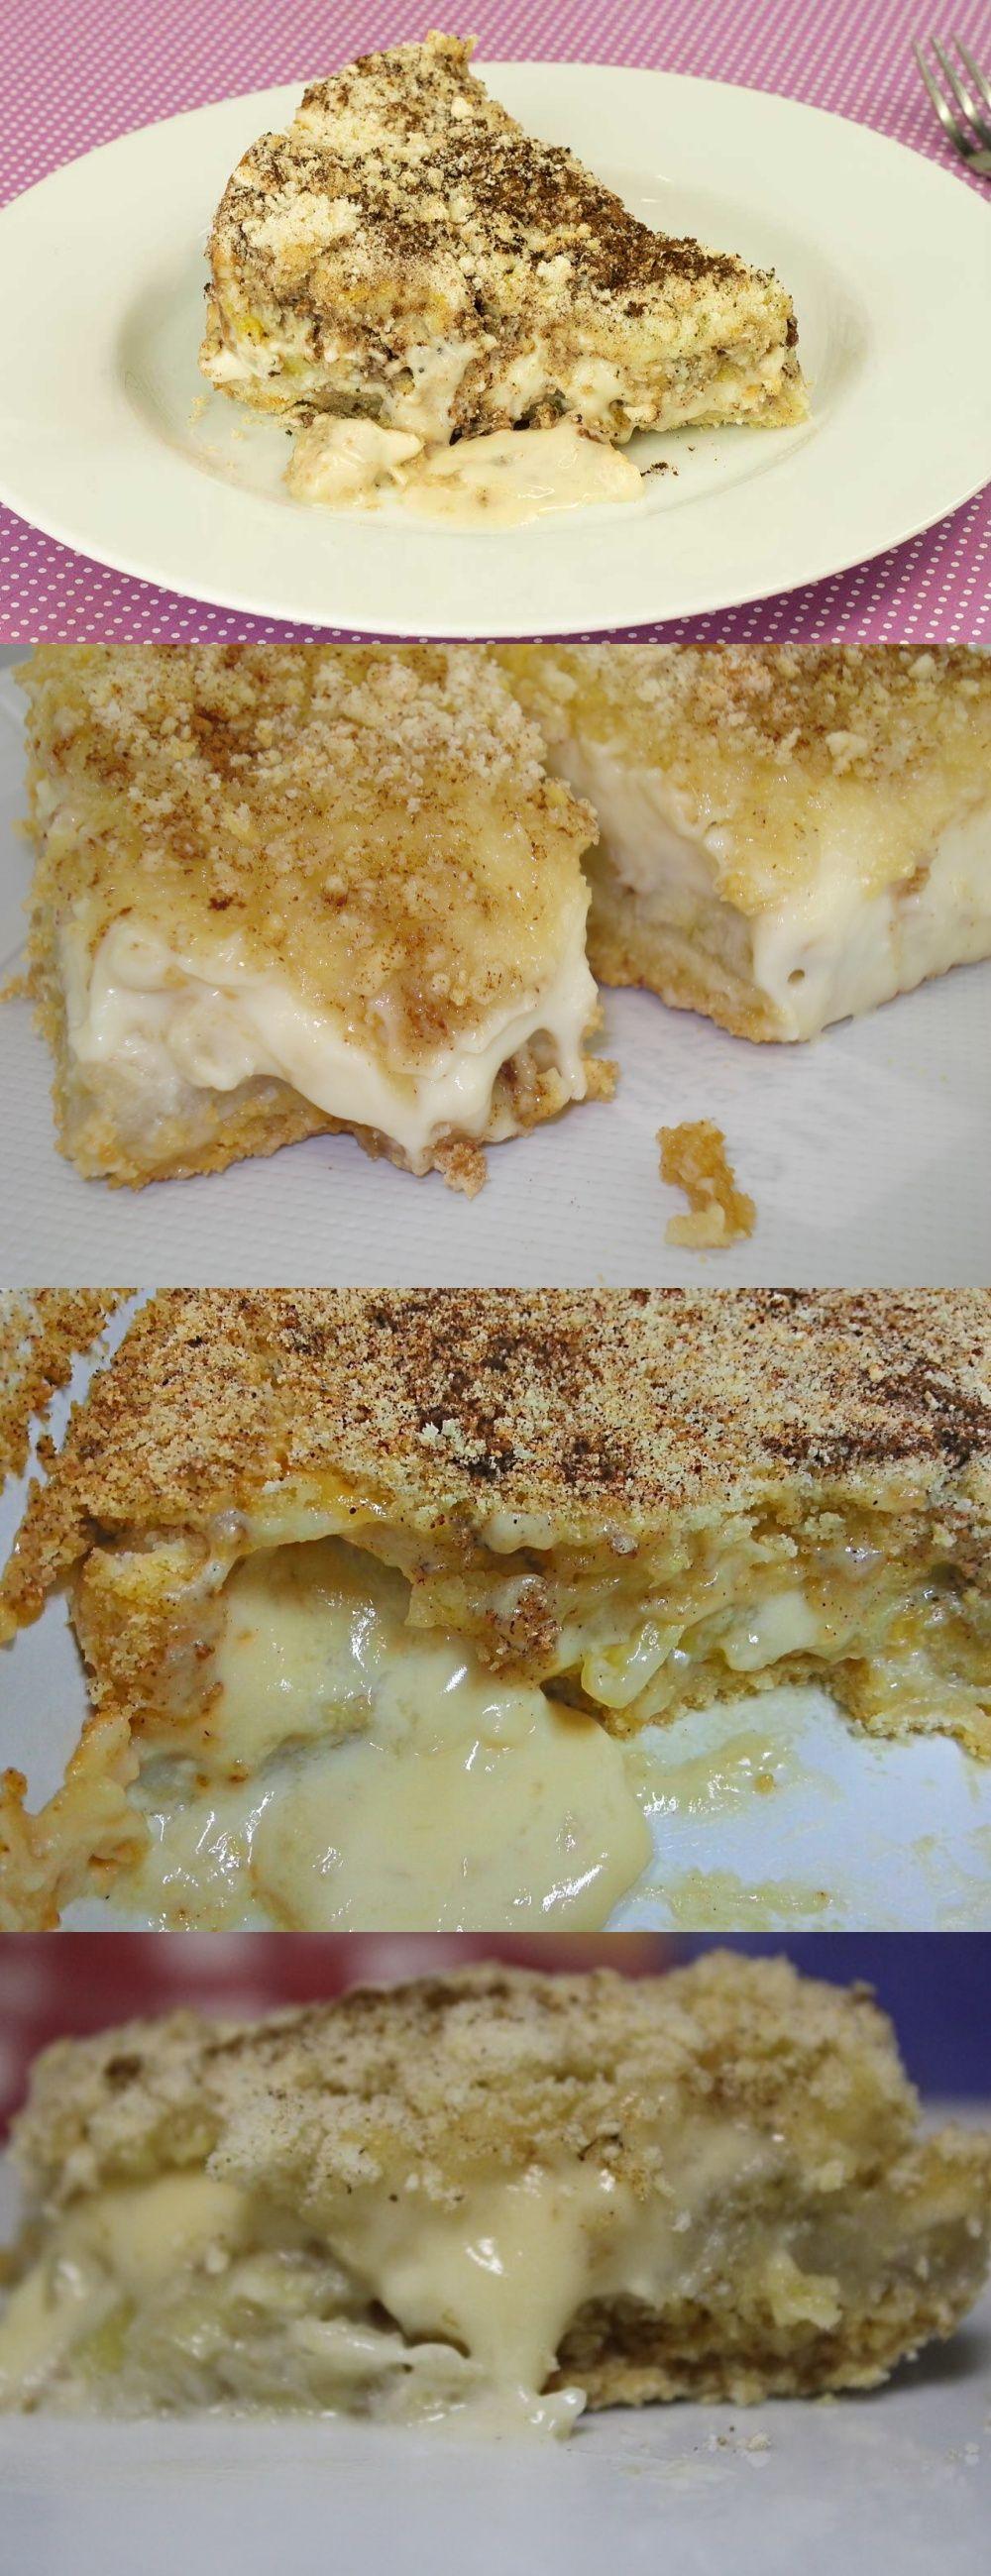 Torta Farofa De Banana Com Creme De Leite Condensado Eu Amei Essa